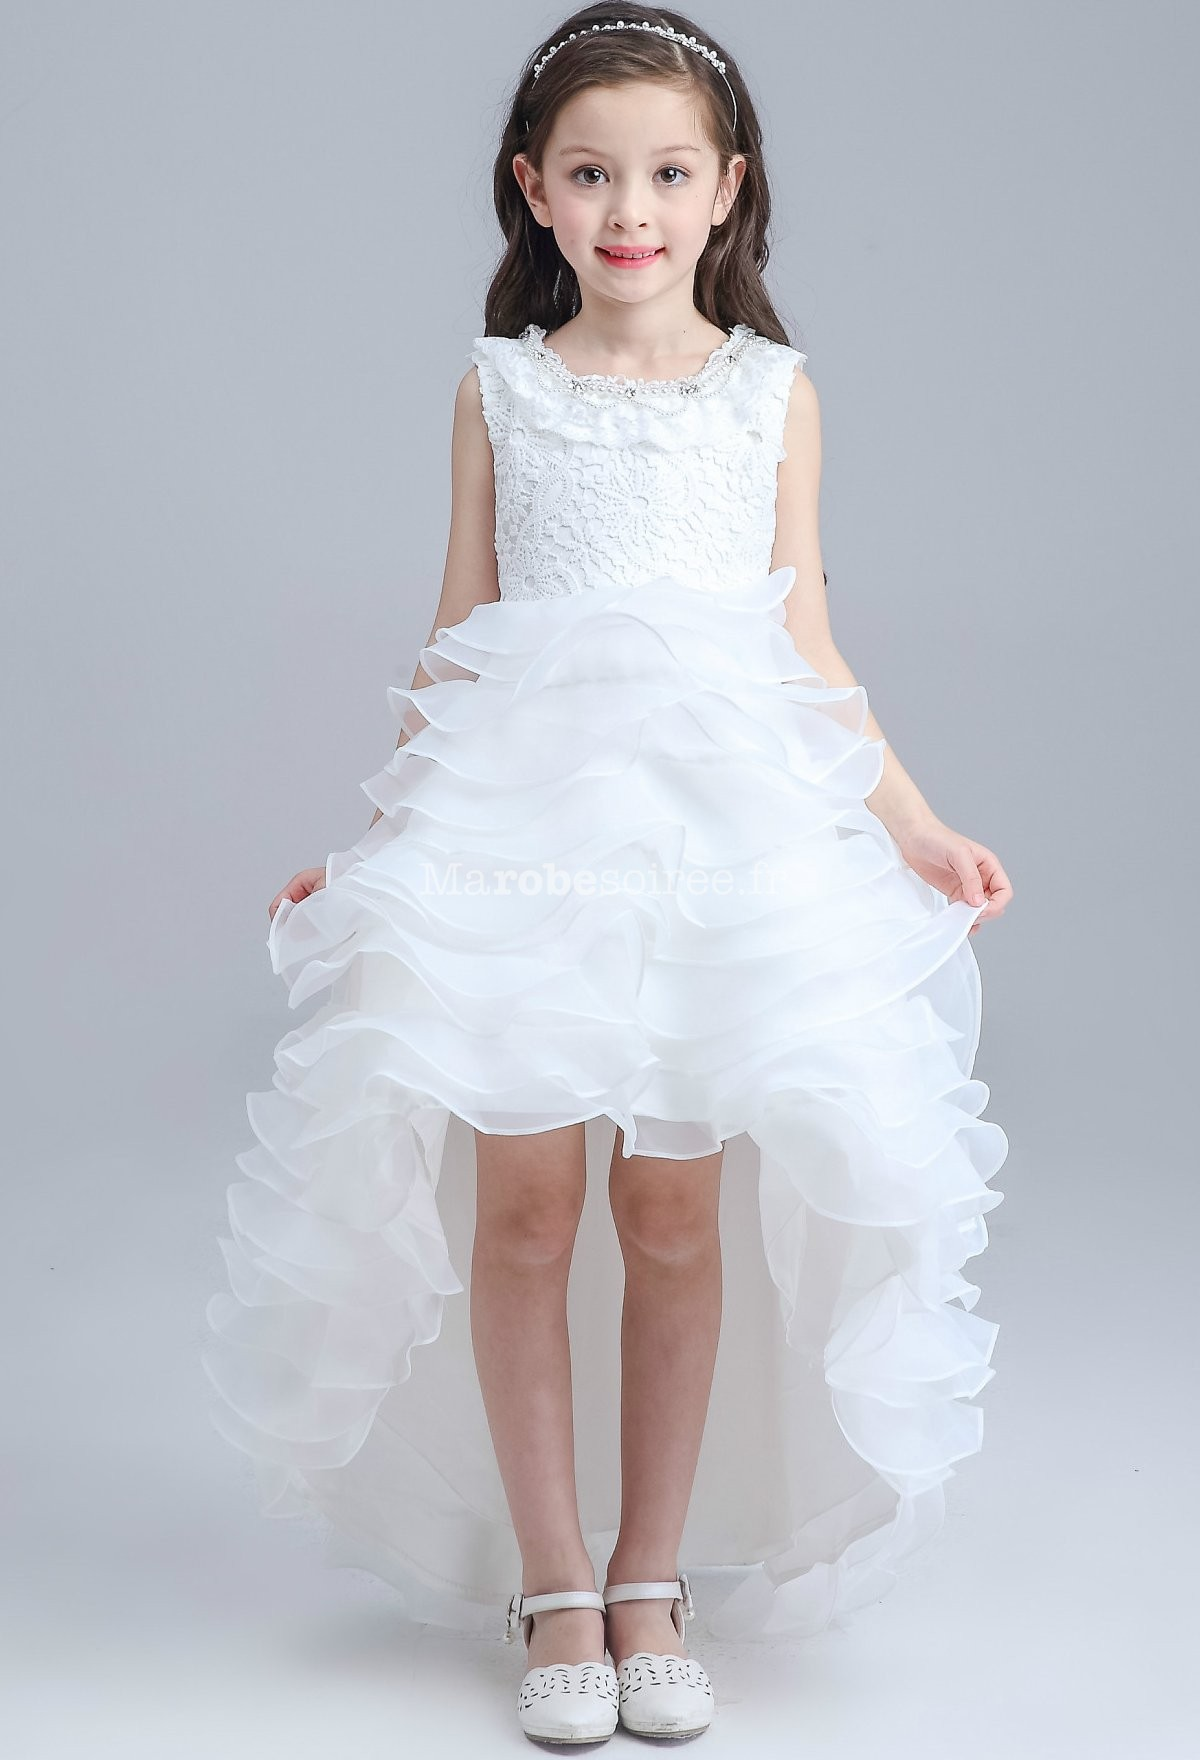 Robe blanche dentelle petite fille